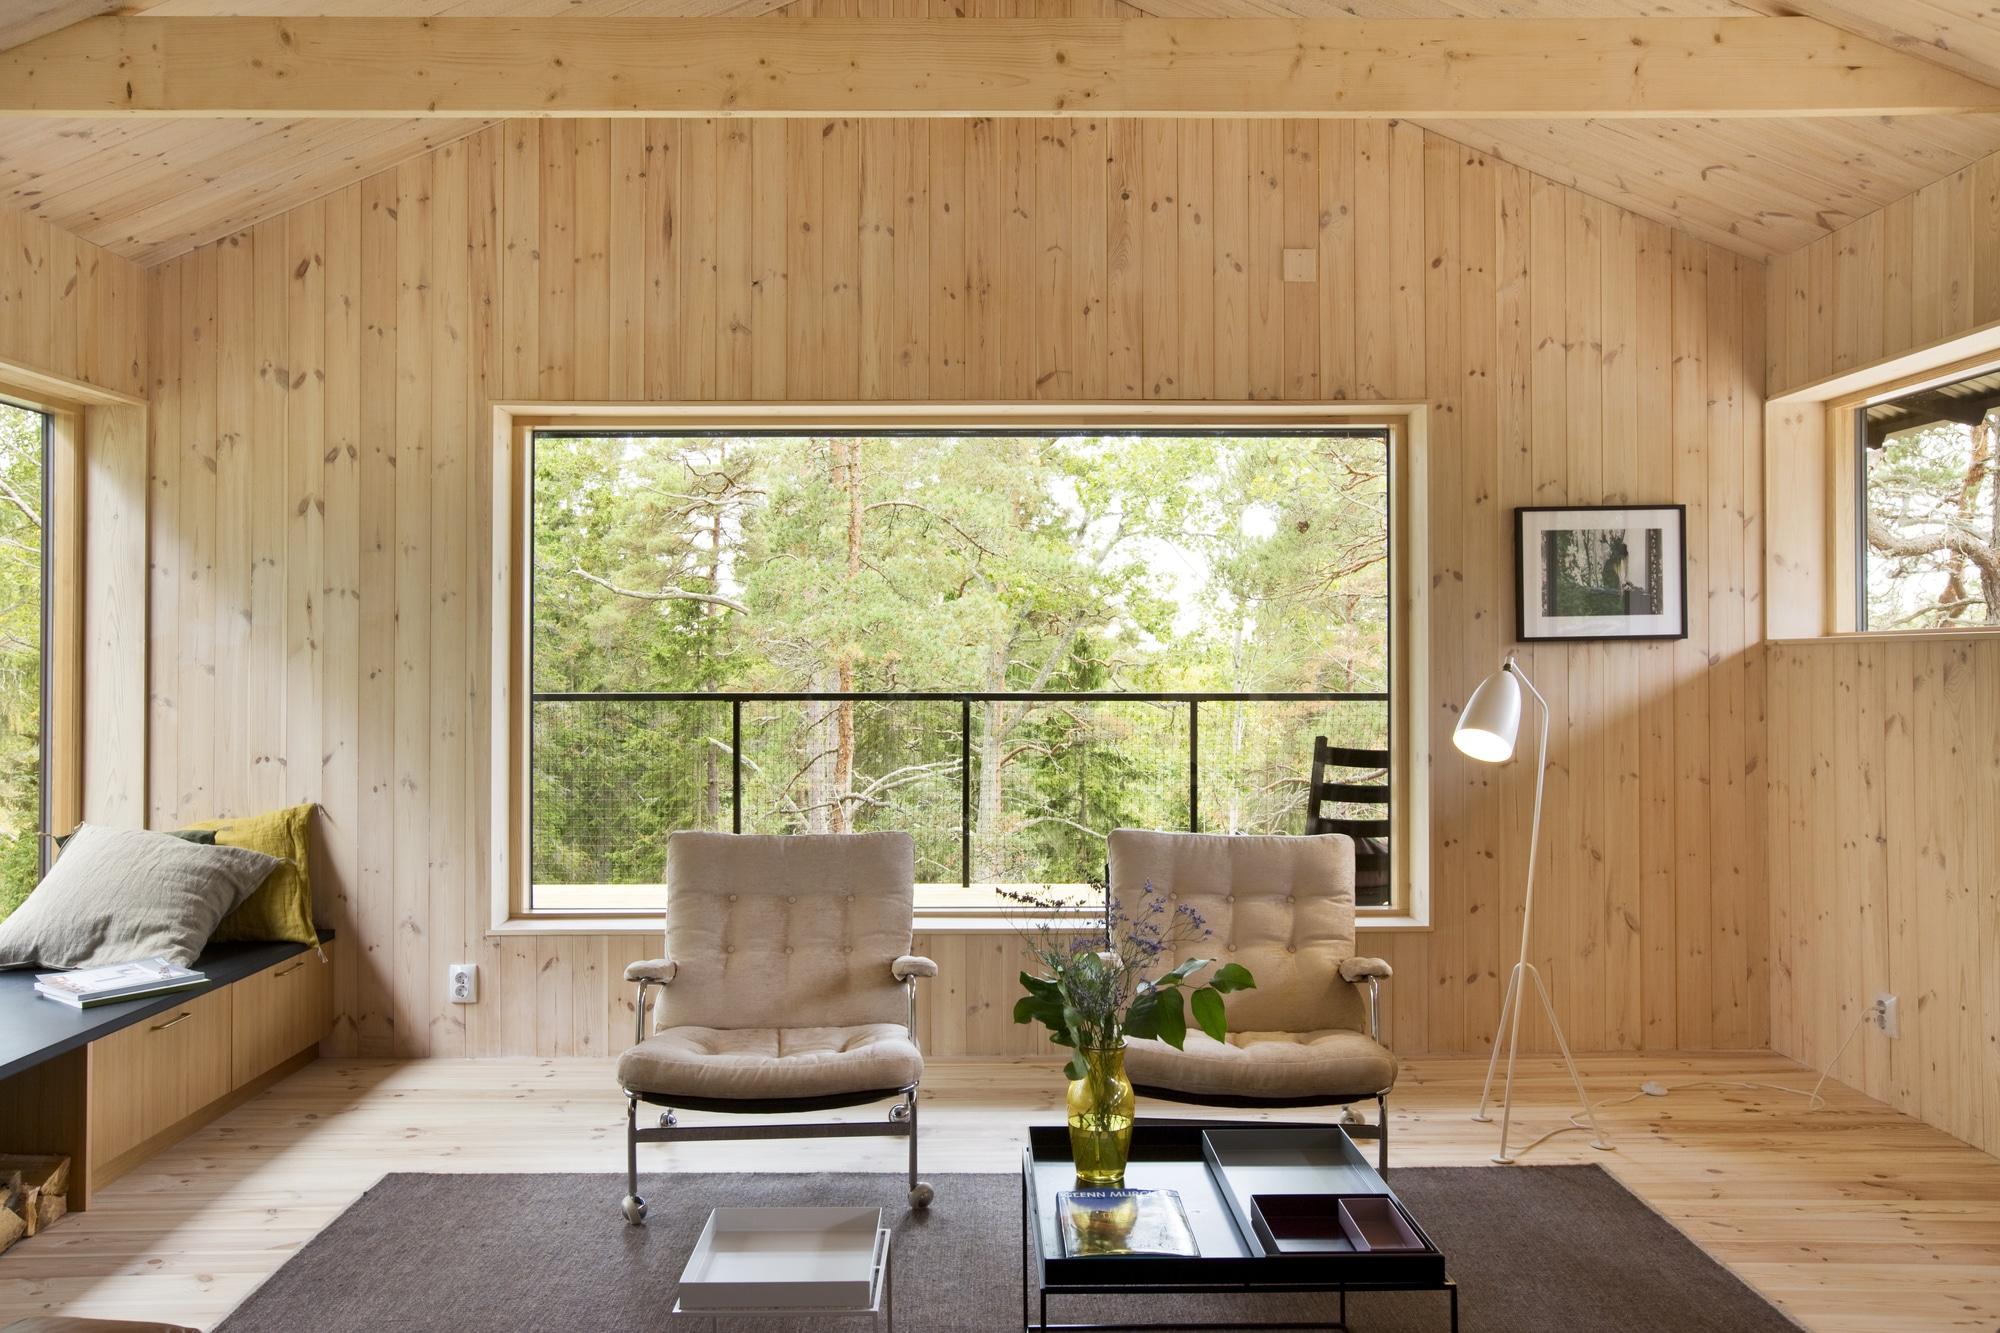 Dise o de casa peque a de madera fachada planos interior for Diseno de interiores para oficinas pequenas